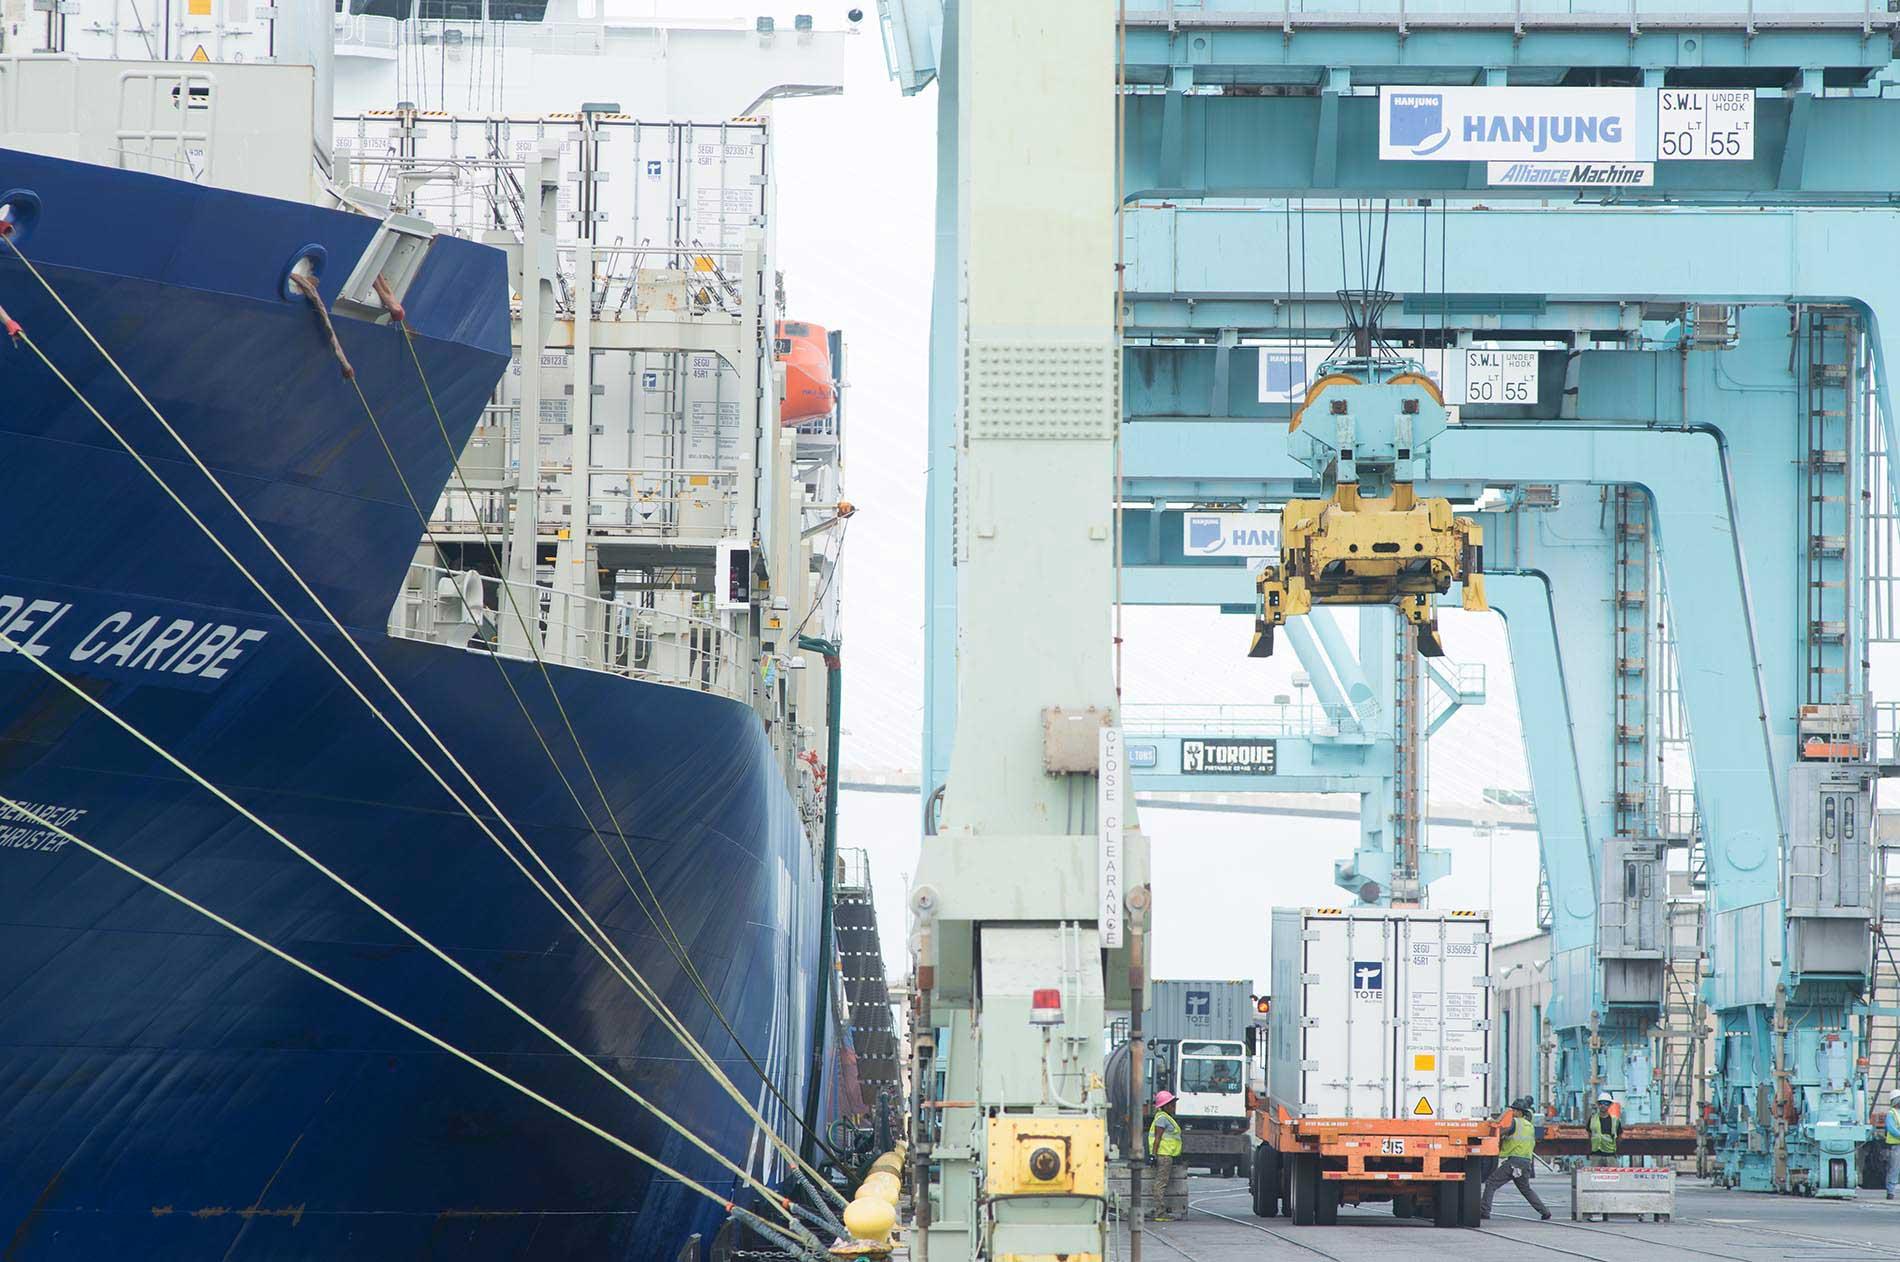 Ship at dock large cranes close up